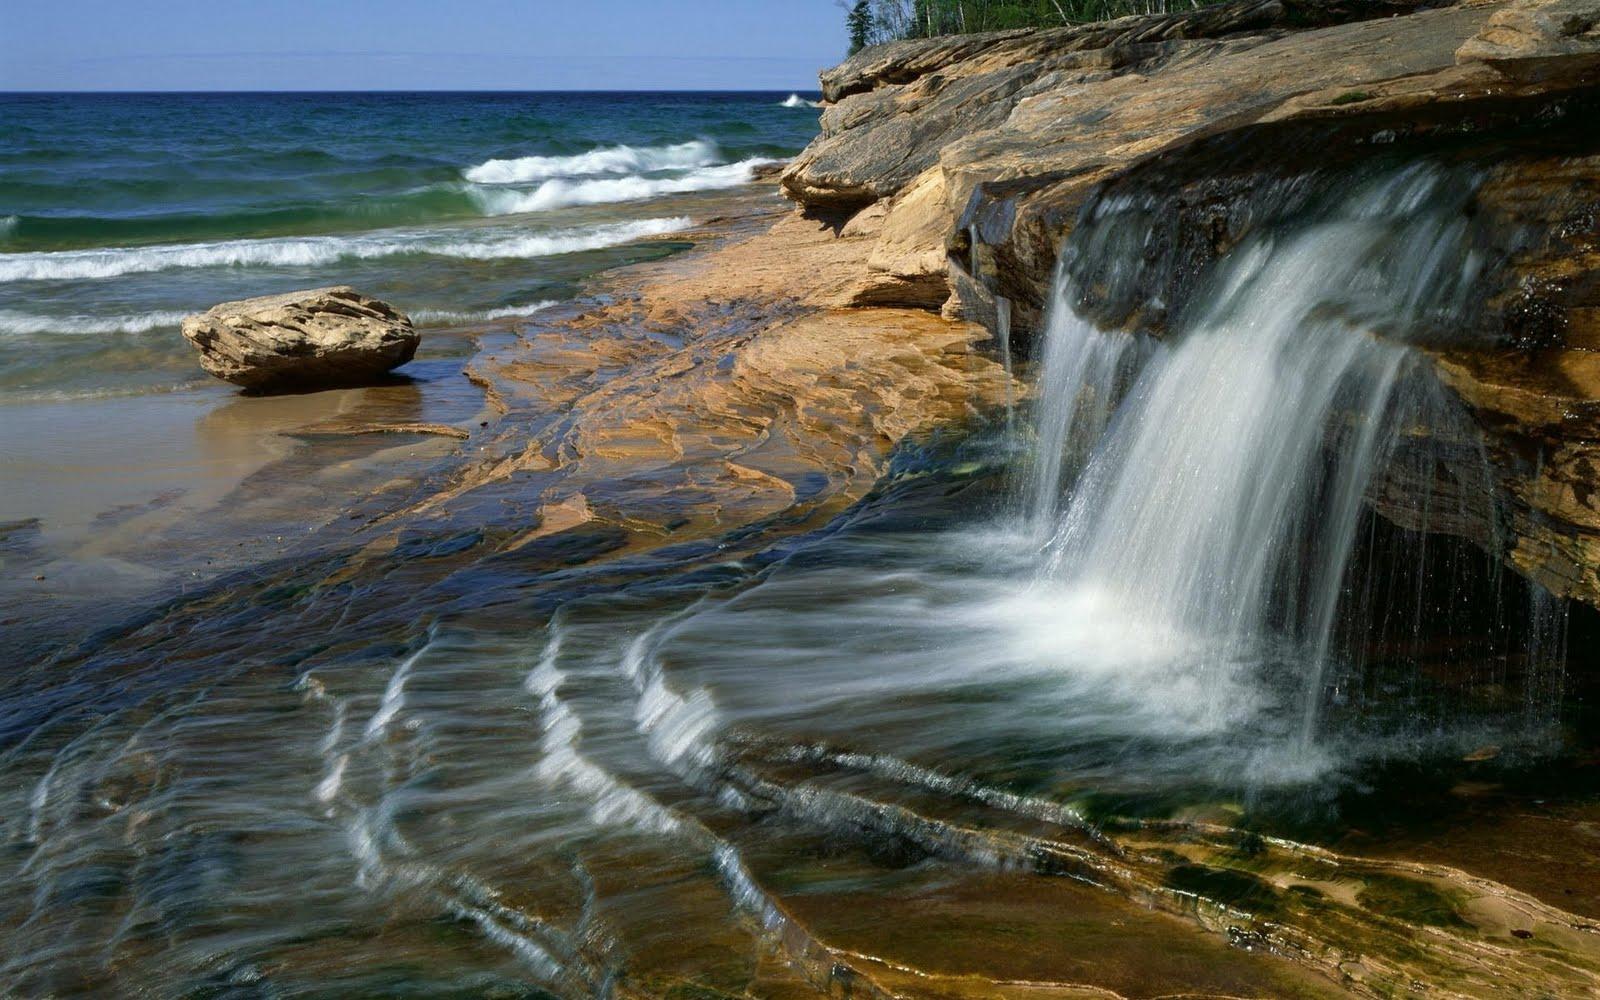 http://1.bp.blogspot.com/-8O0cJD_l9tQ/TbWlMdD4jBI/AAAAAAAAdL8/4uhCgttajng/s1600/cascadas%2Ben%2Blas%2Brocas%2B-%2Bstone-waterfall-1920x1200.jpg